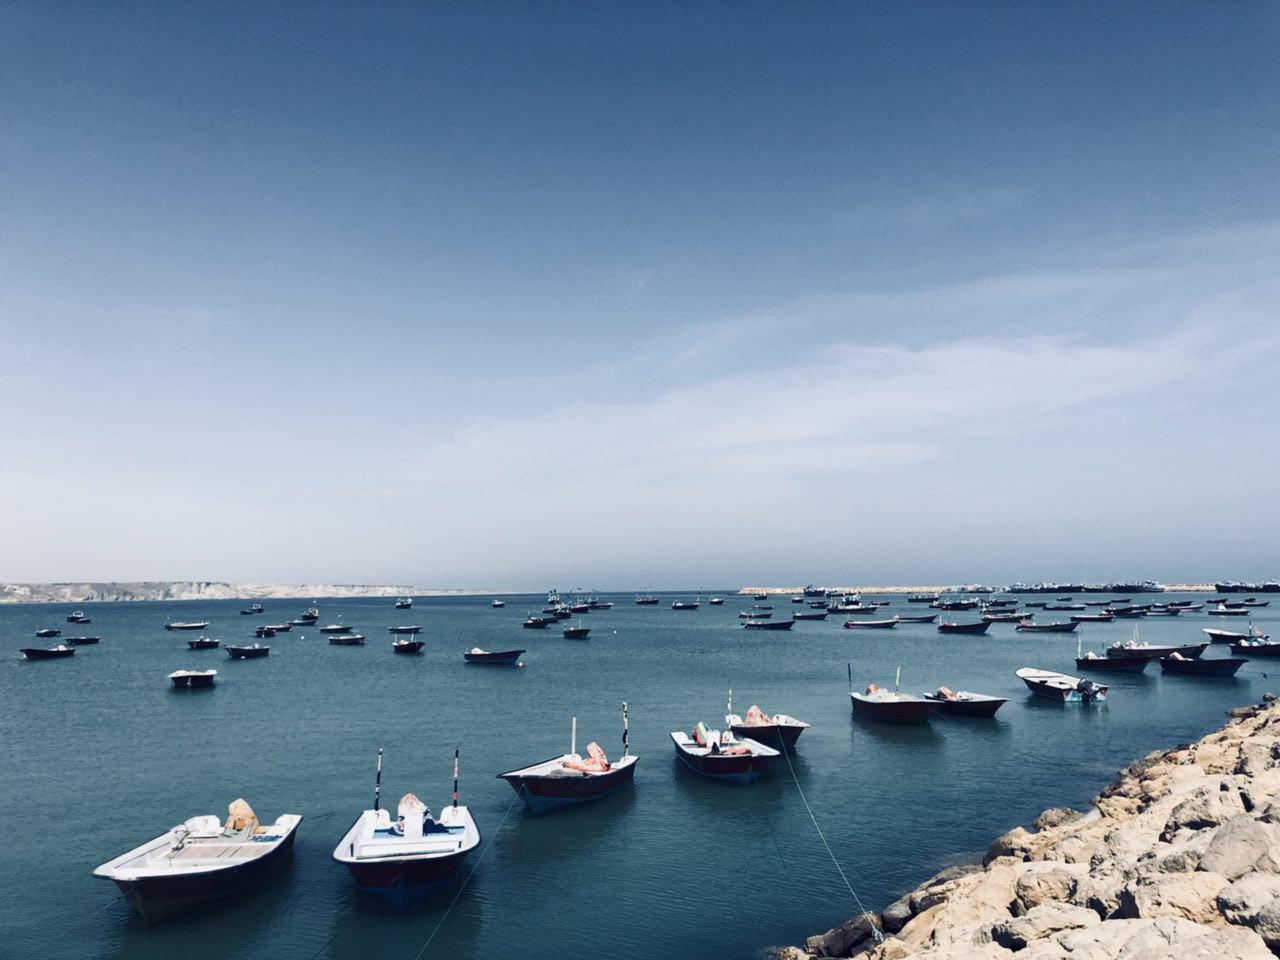 ساحل اسکله بریس جنوب شرقیترین نقطه ایران